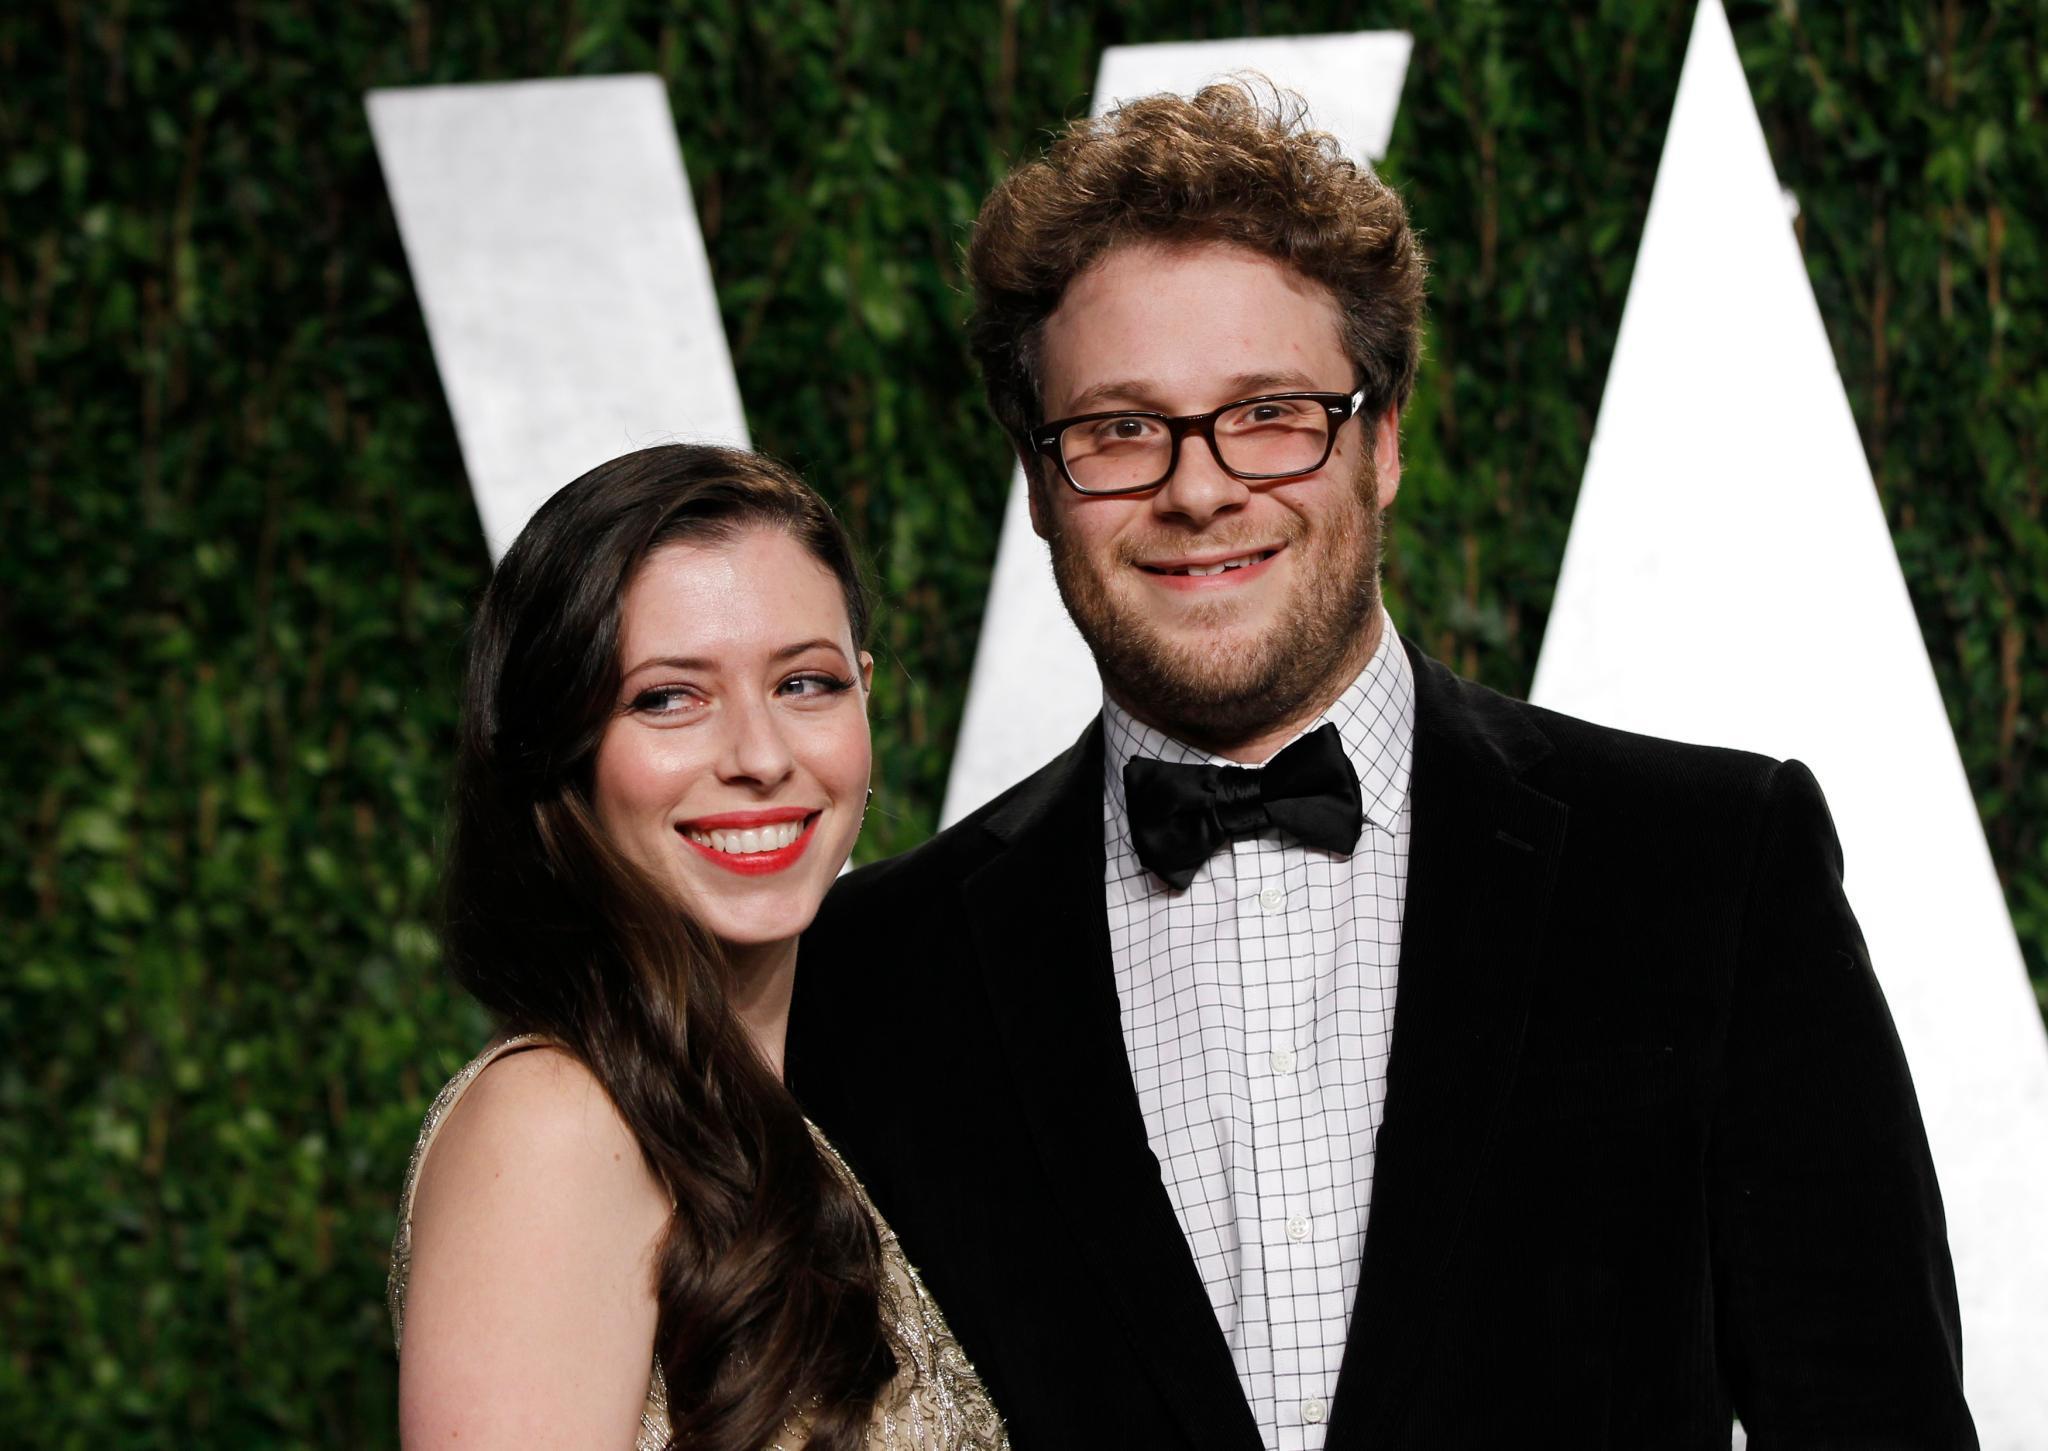 Mit Schauspielerin und Drehbuchautorin Lauren Miller, 31, ist Rogen seit Oktober 2011 verheiratet.